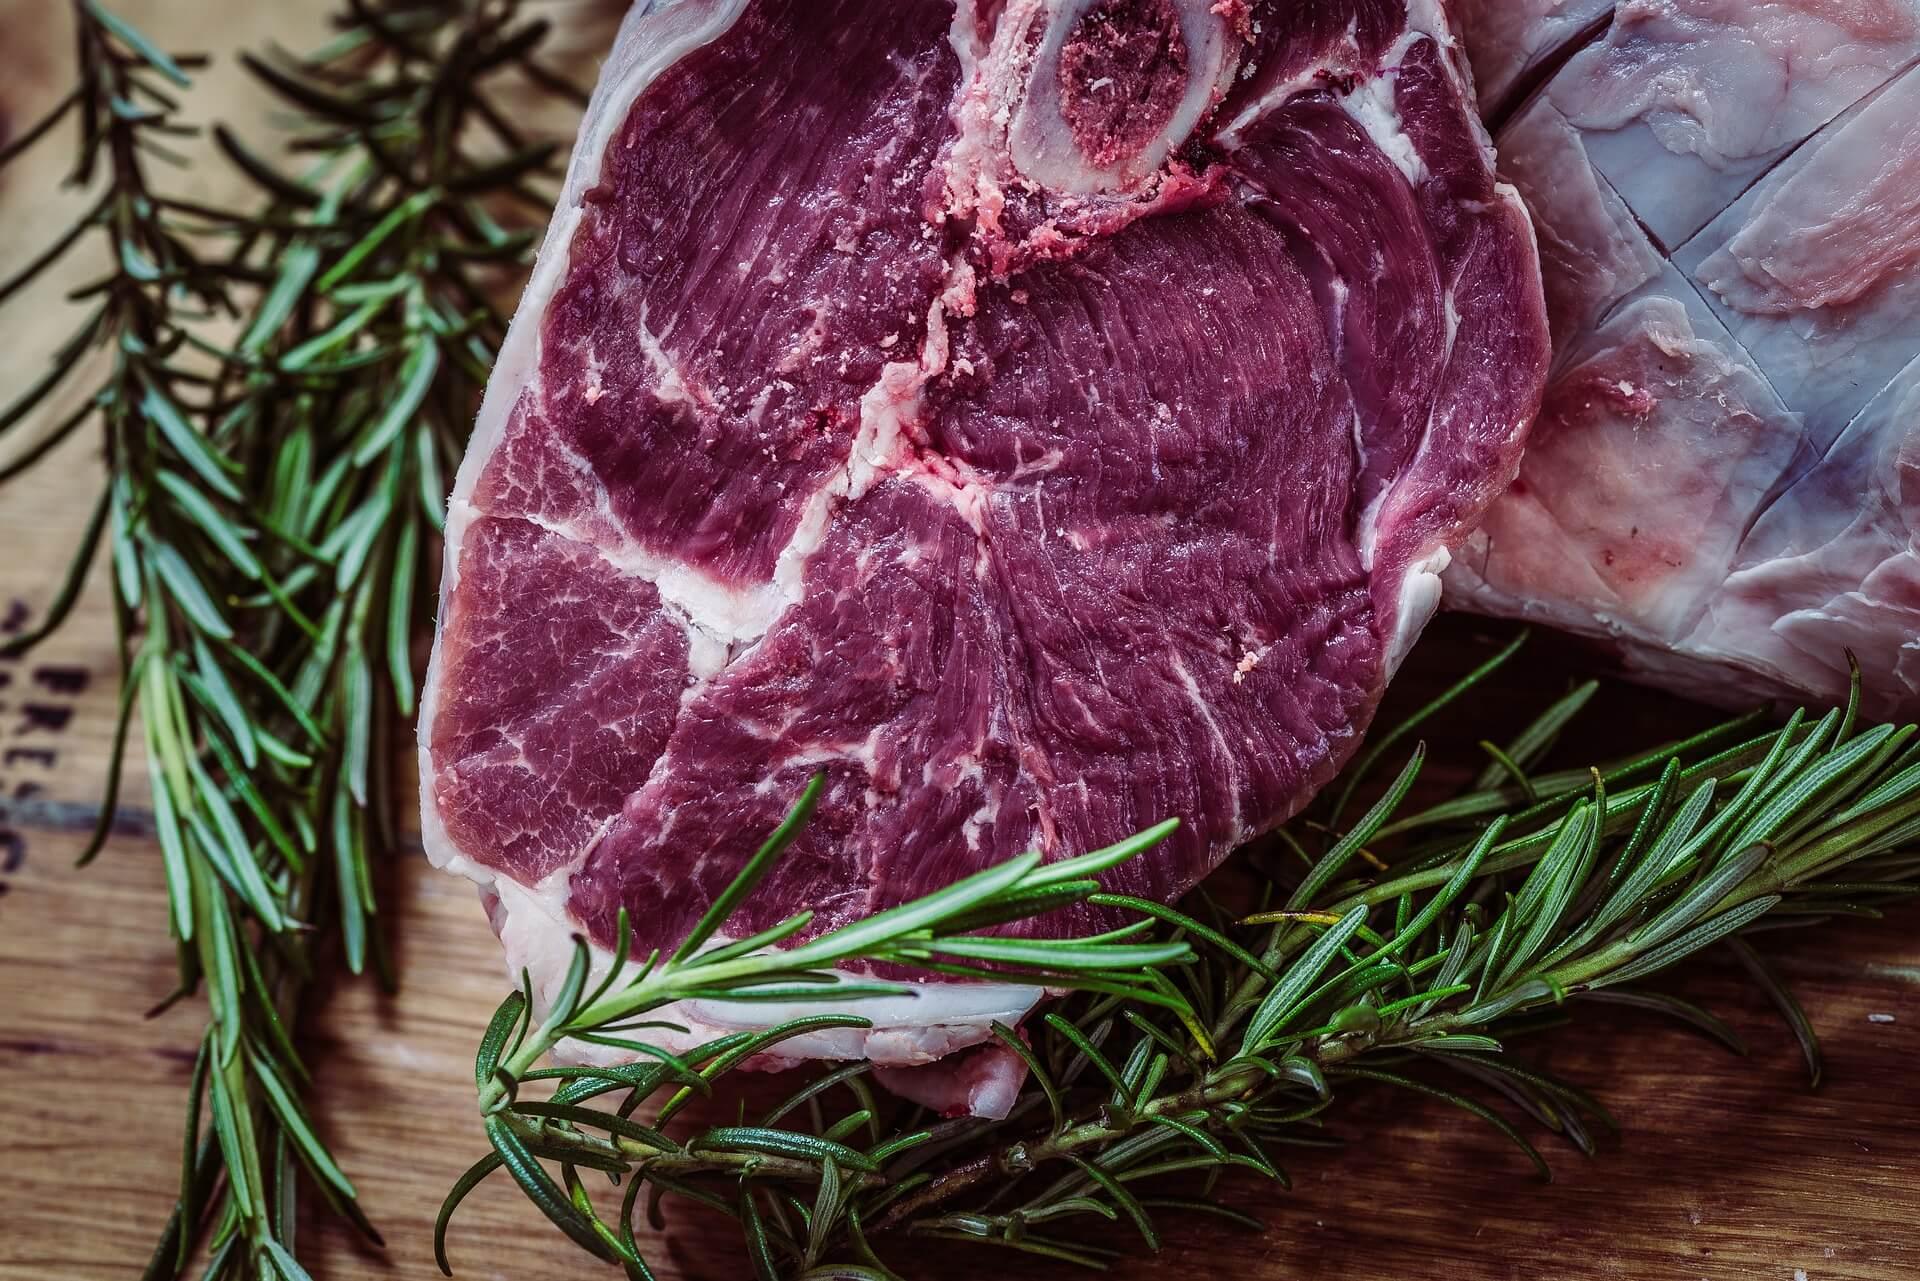 ¿Qué es la carne magra y cuáles son sus características?